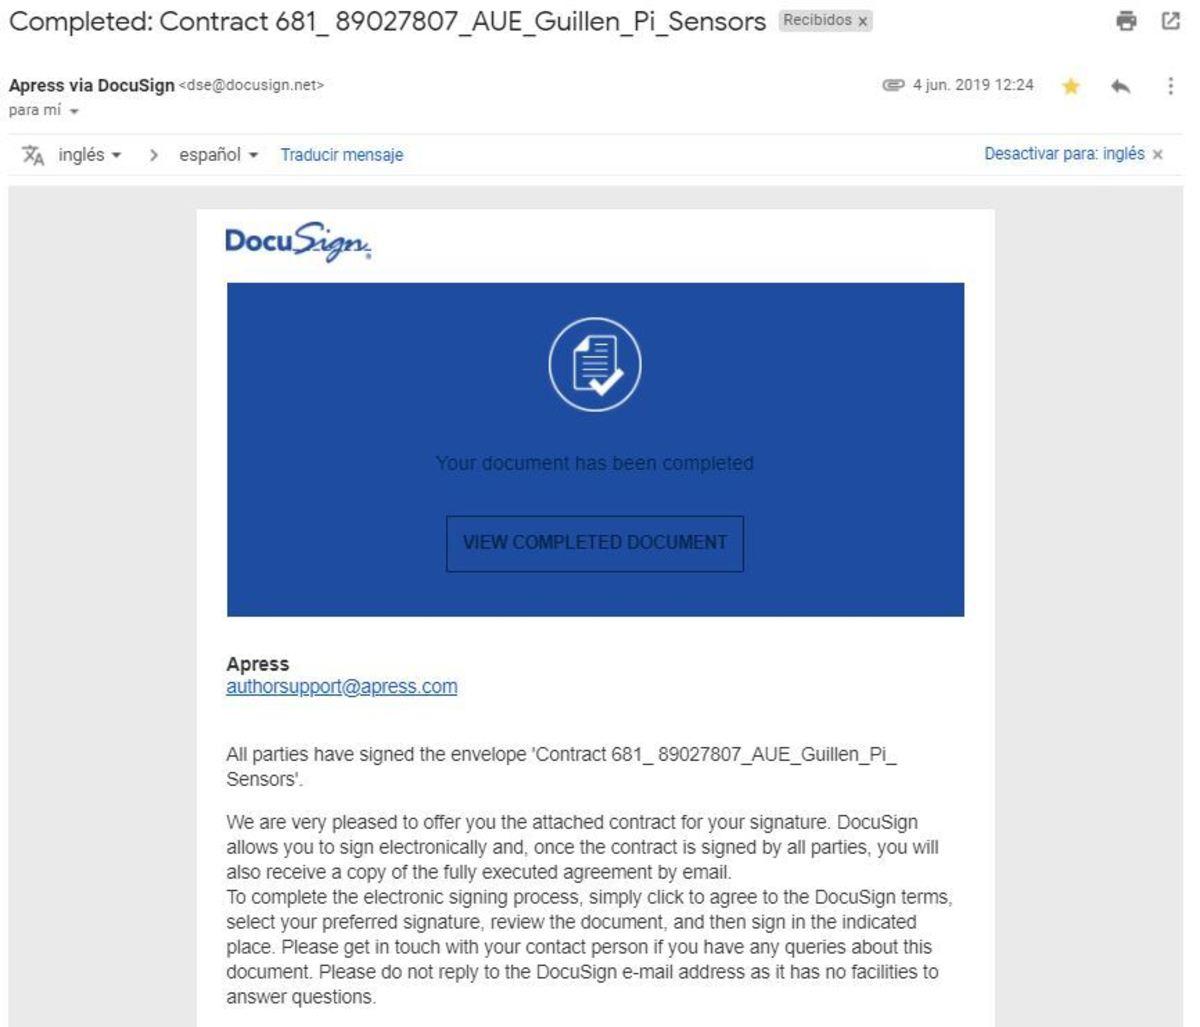 apress-media-llc-fraud